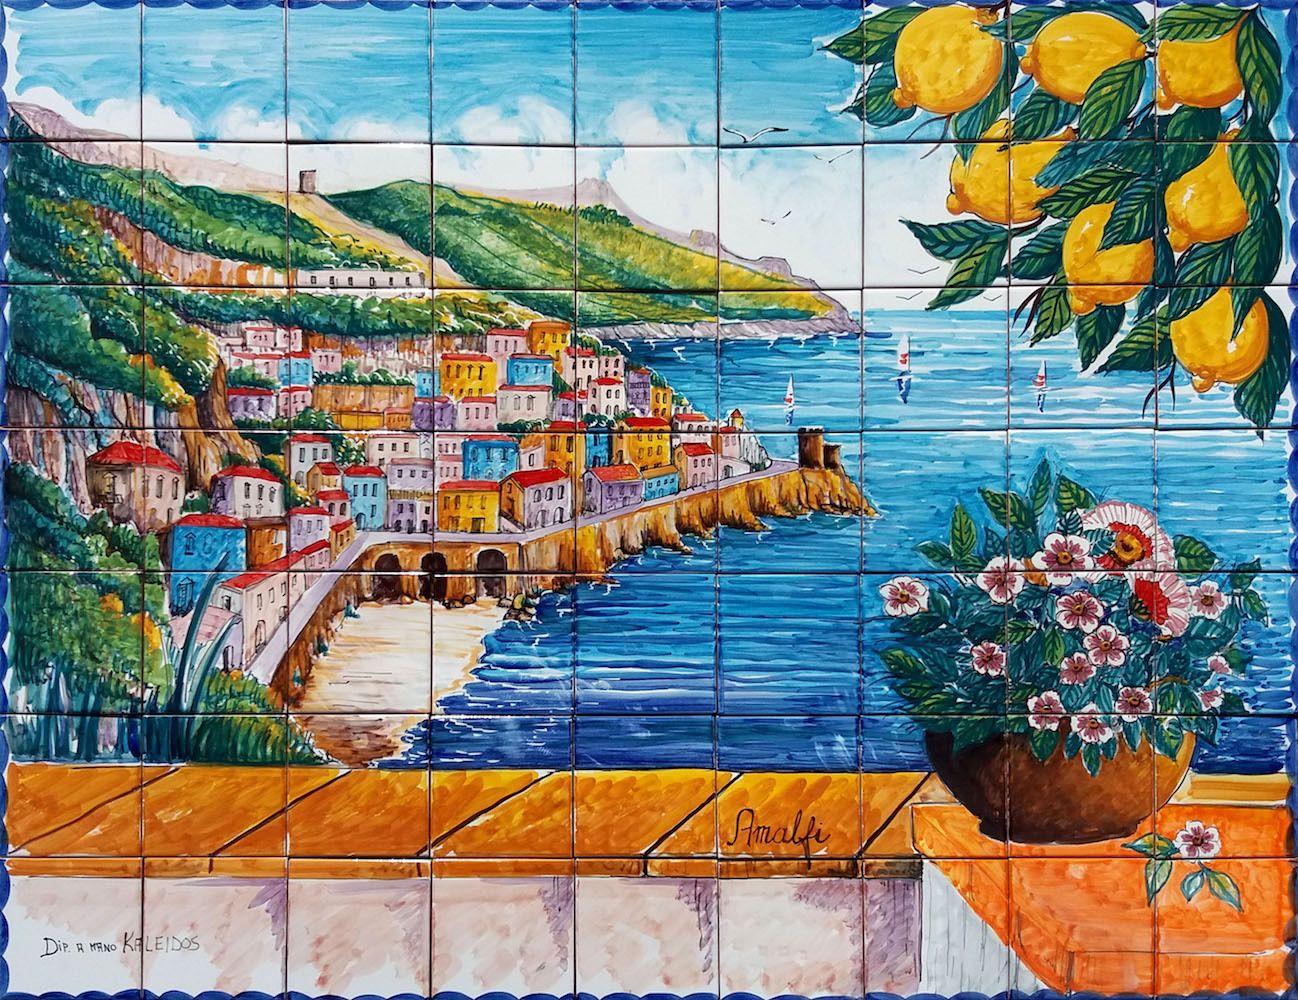 Pannello mosaico veduta della costiera amalfi 90x70 cm Çiniii